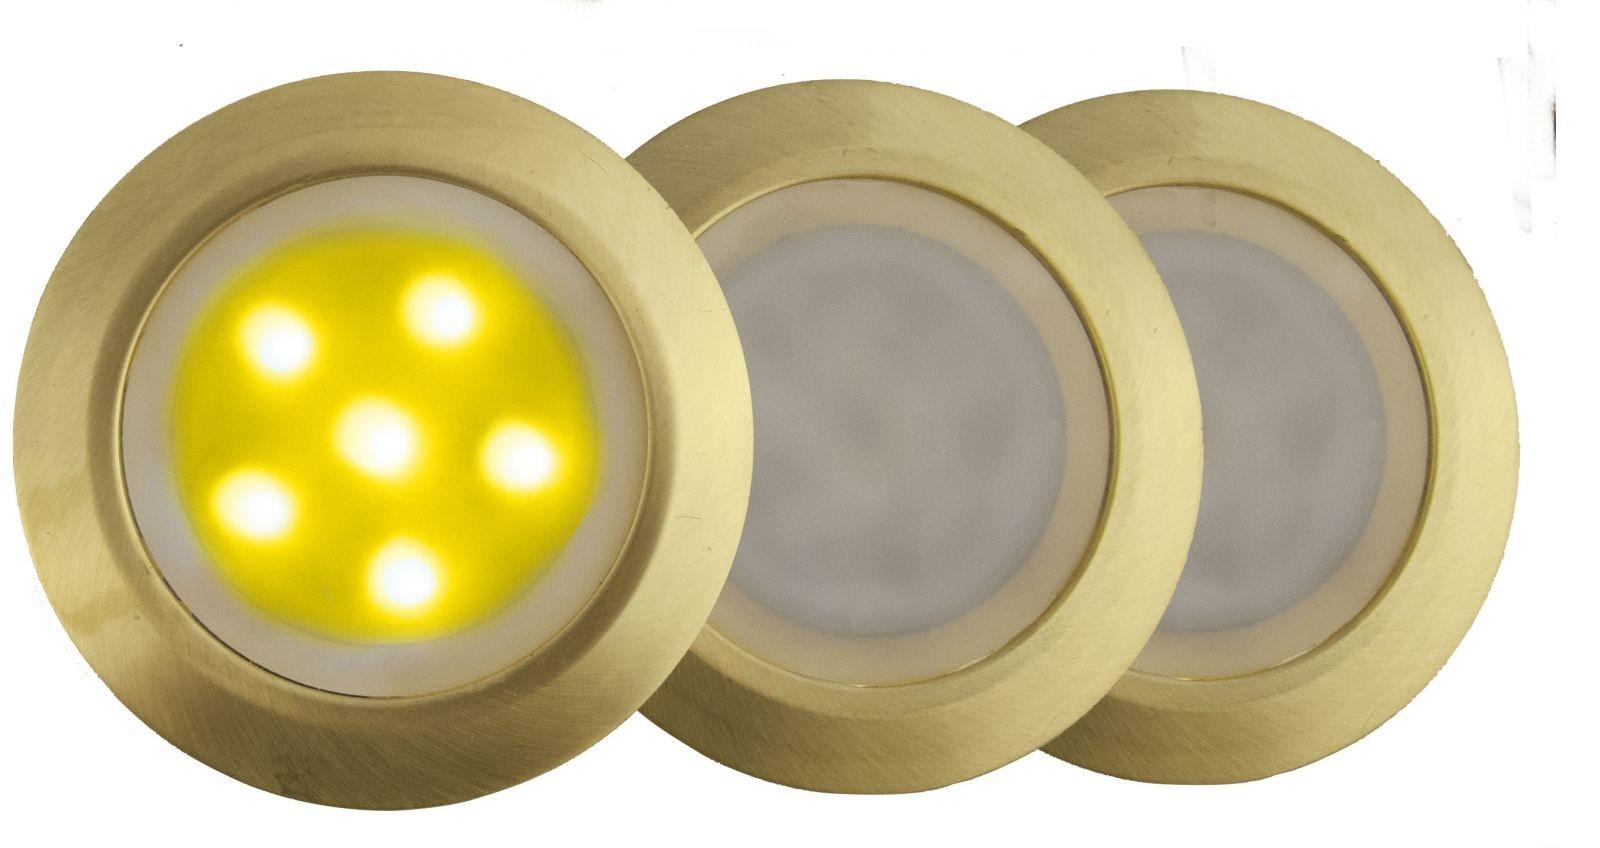 LANDLITE LED-GR01-3x0.5W , 3db-os matt arany földbe süllyesztett LED lámpa szett, sárga fényű, IP44